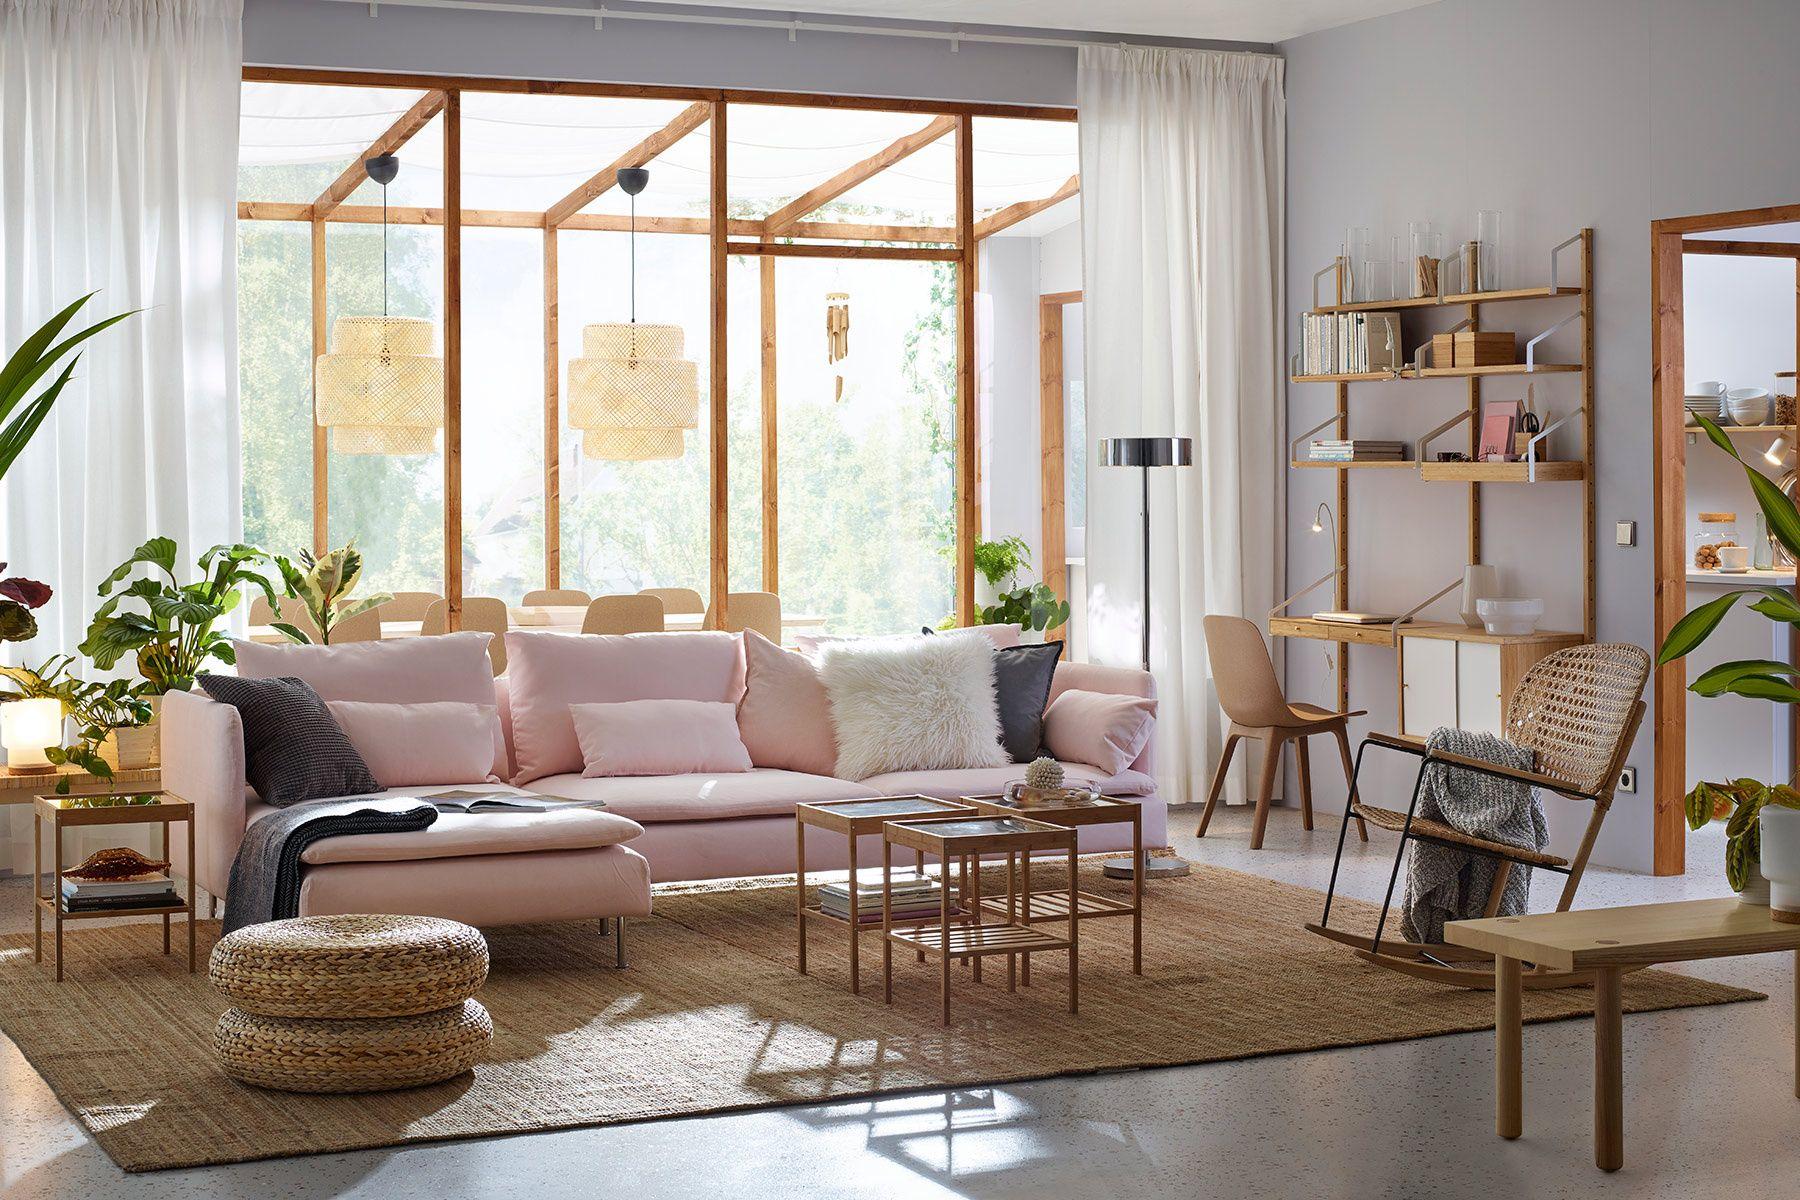 buen aspecto ad espa a ikea ikea 2018 catalogue color pinterest living rooms. Black Bedroom Furniture Sets. Home Design Ideas